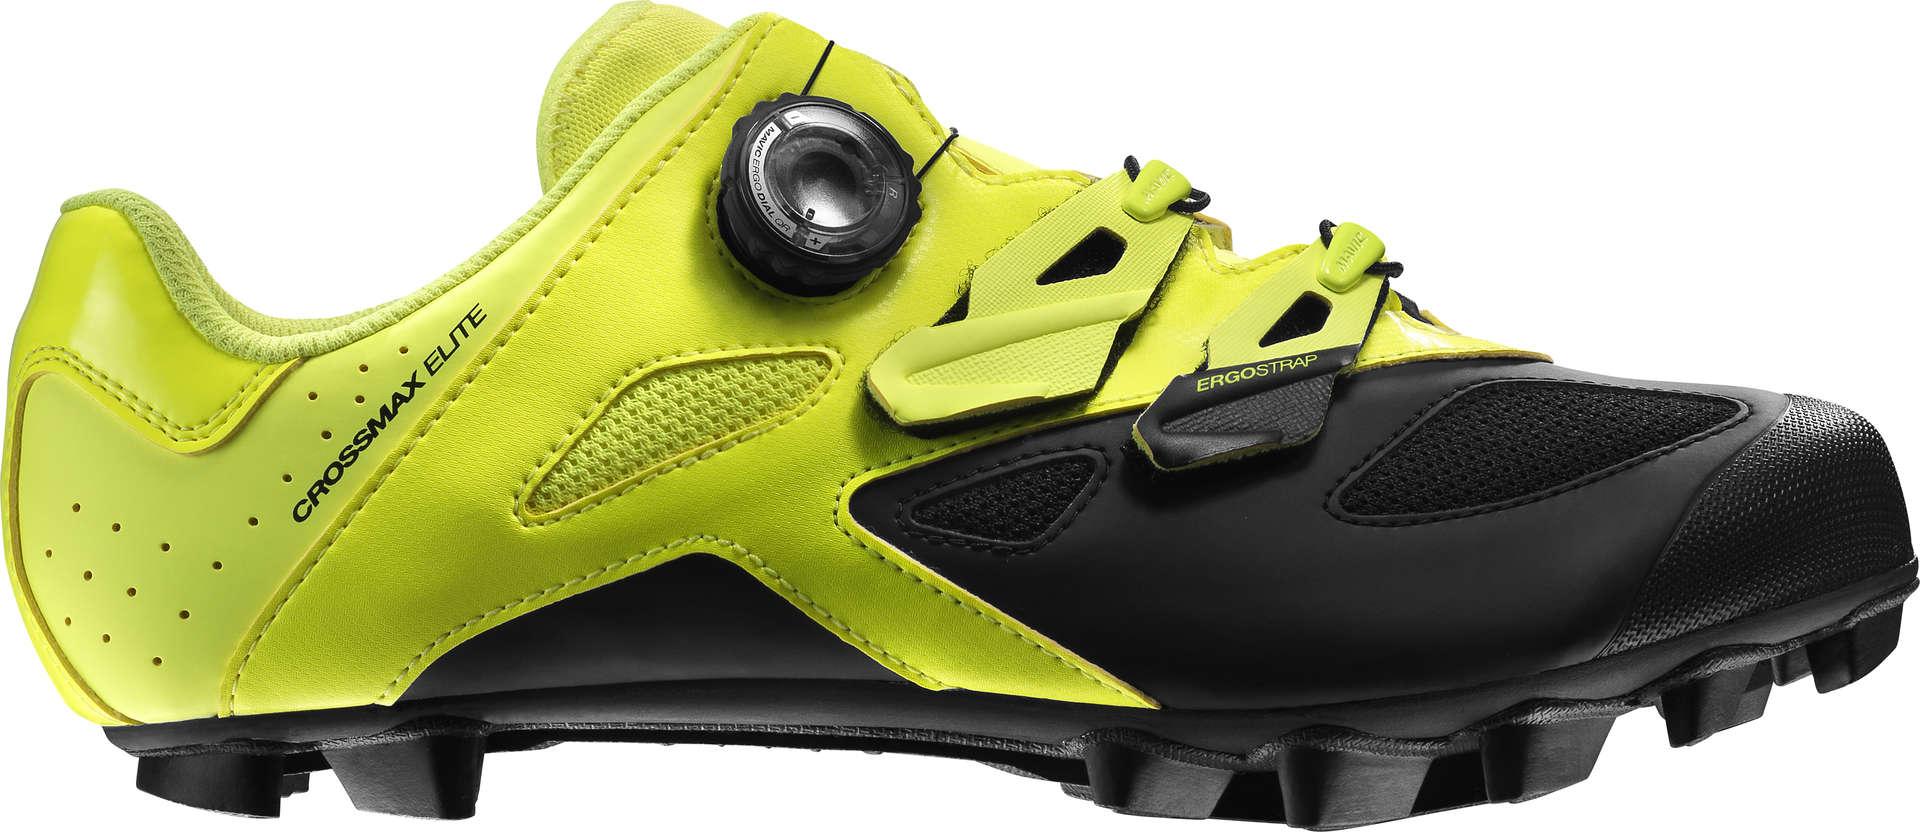 Chaussures Jaunes Mavic Crossmax Avec Des Hommes De Fermeture Velcro 36tmAKn